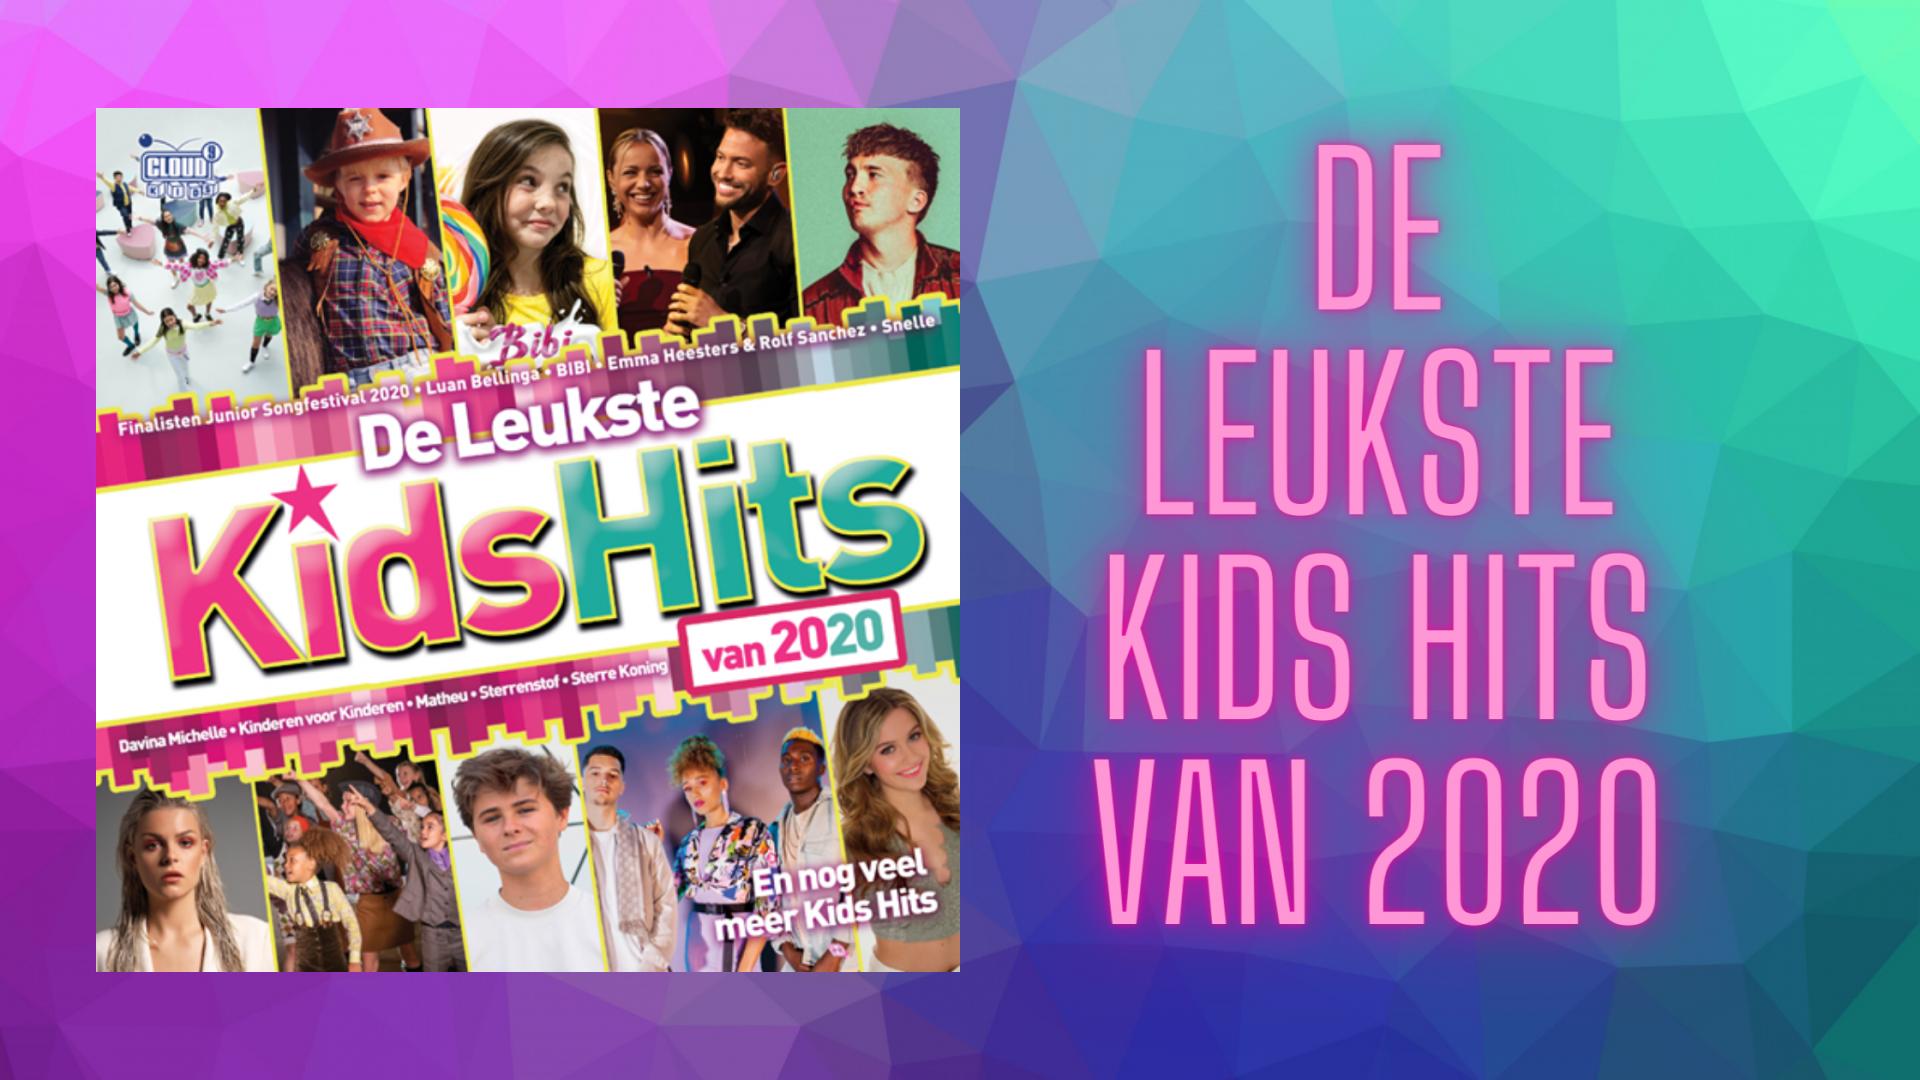 De Leukste Kids Hits Van 2020